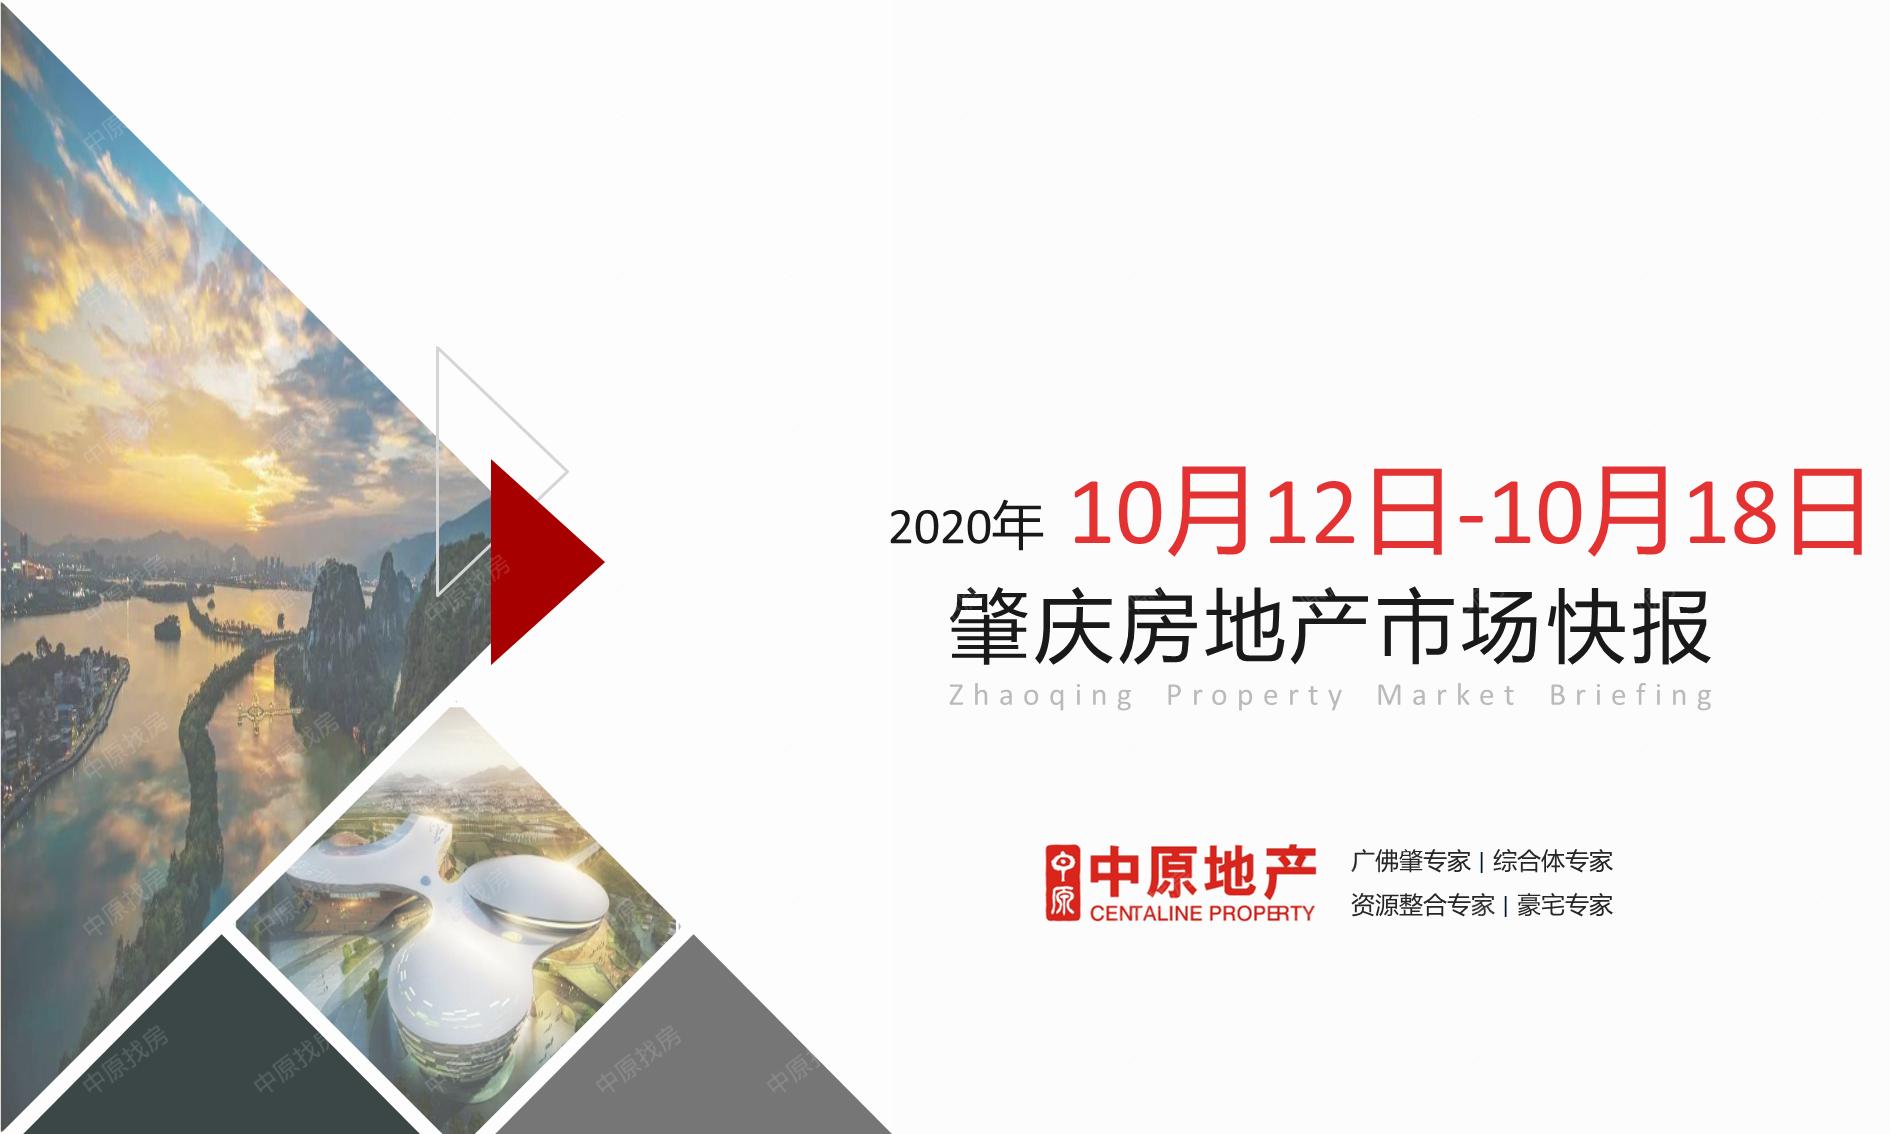 中原研究 | 2020年第42周肇庆市场快报